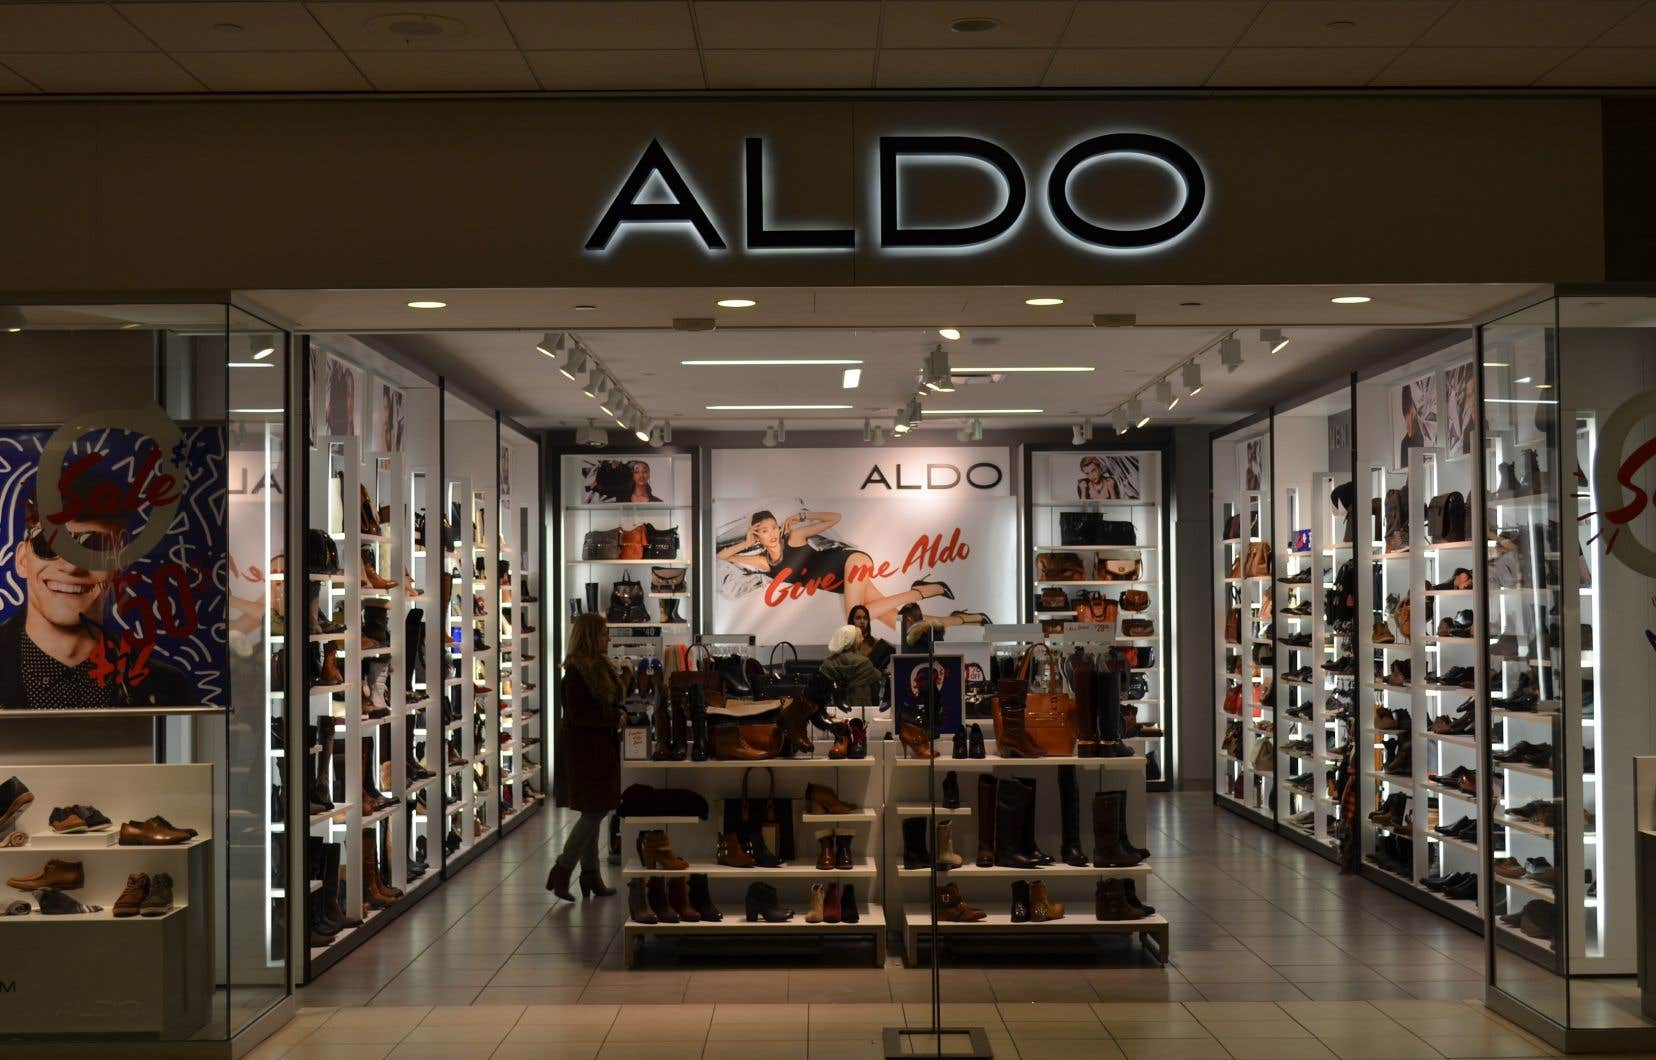 Depuis 2013, le Groupe Aldo accroît l'efficacité énergétique de ses magasins et bureaux, en plus d'investir dans des projets visant à limiter les émissions de ses propres opérations.